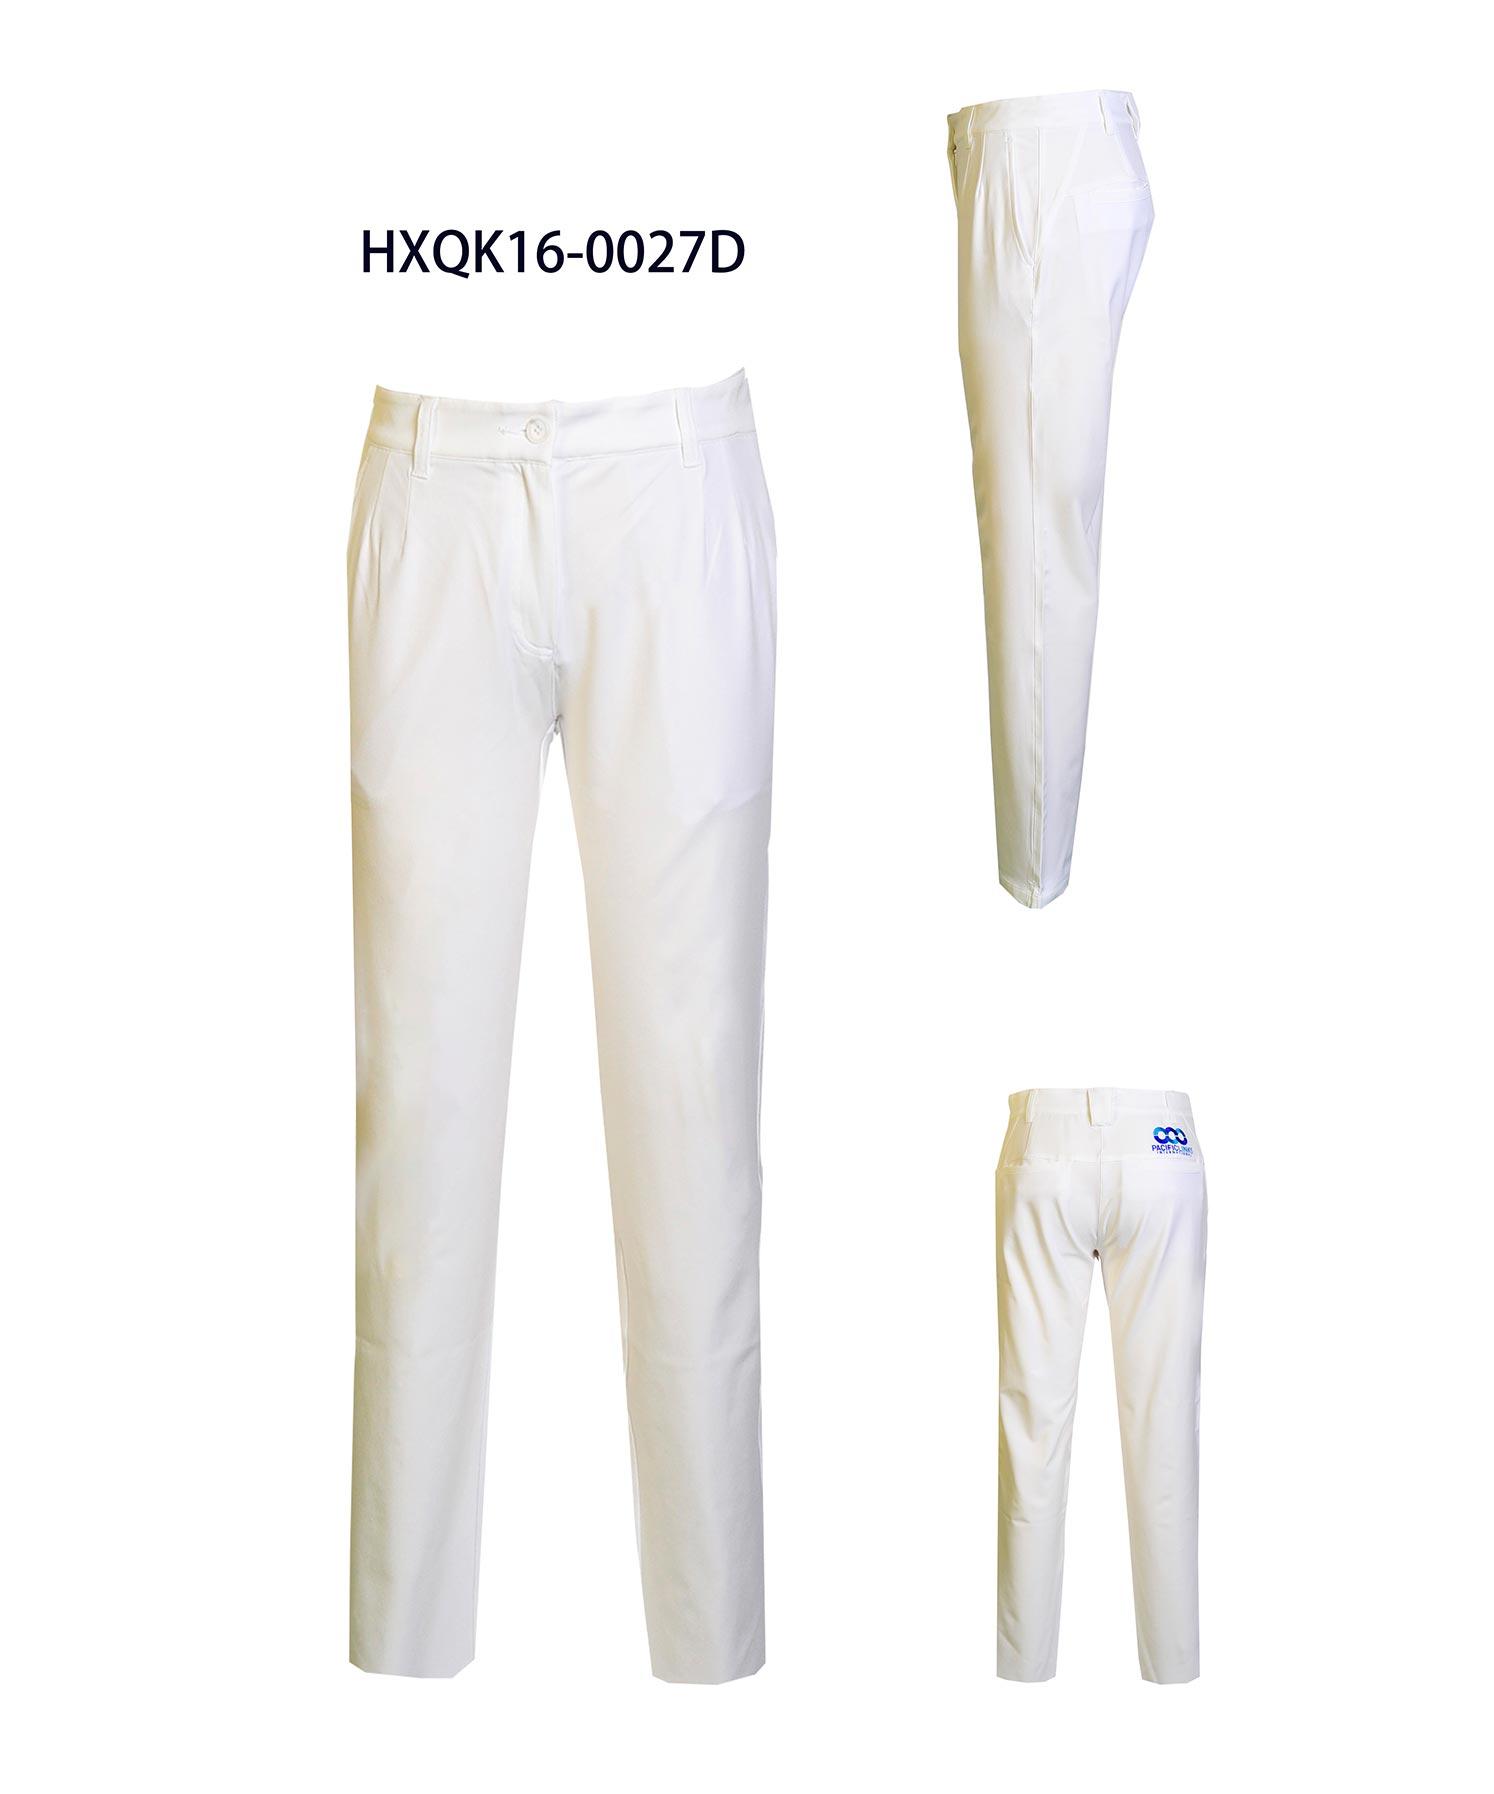 HXQK16-0027D